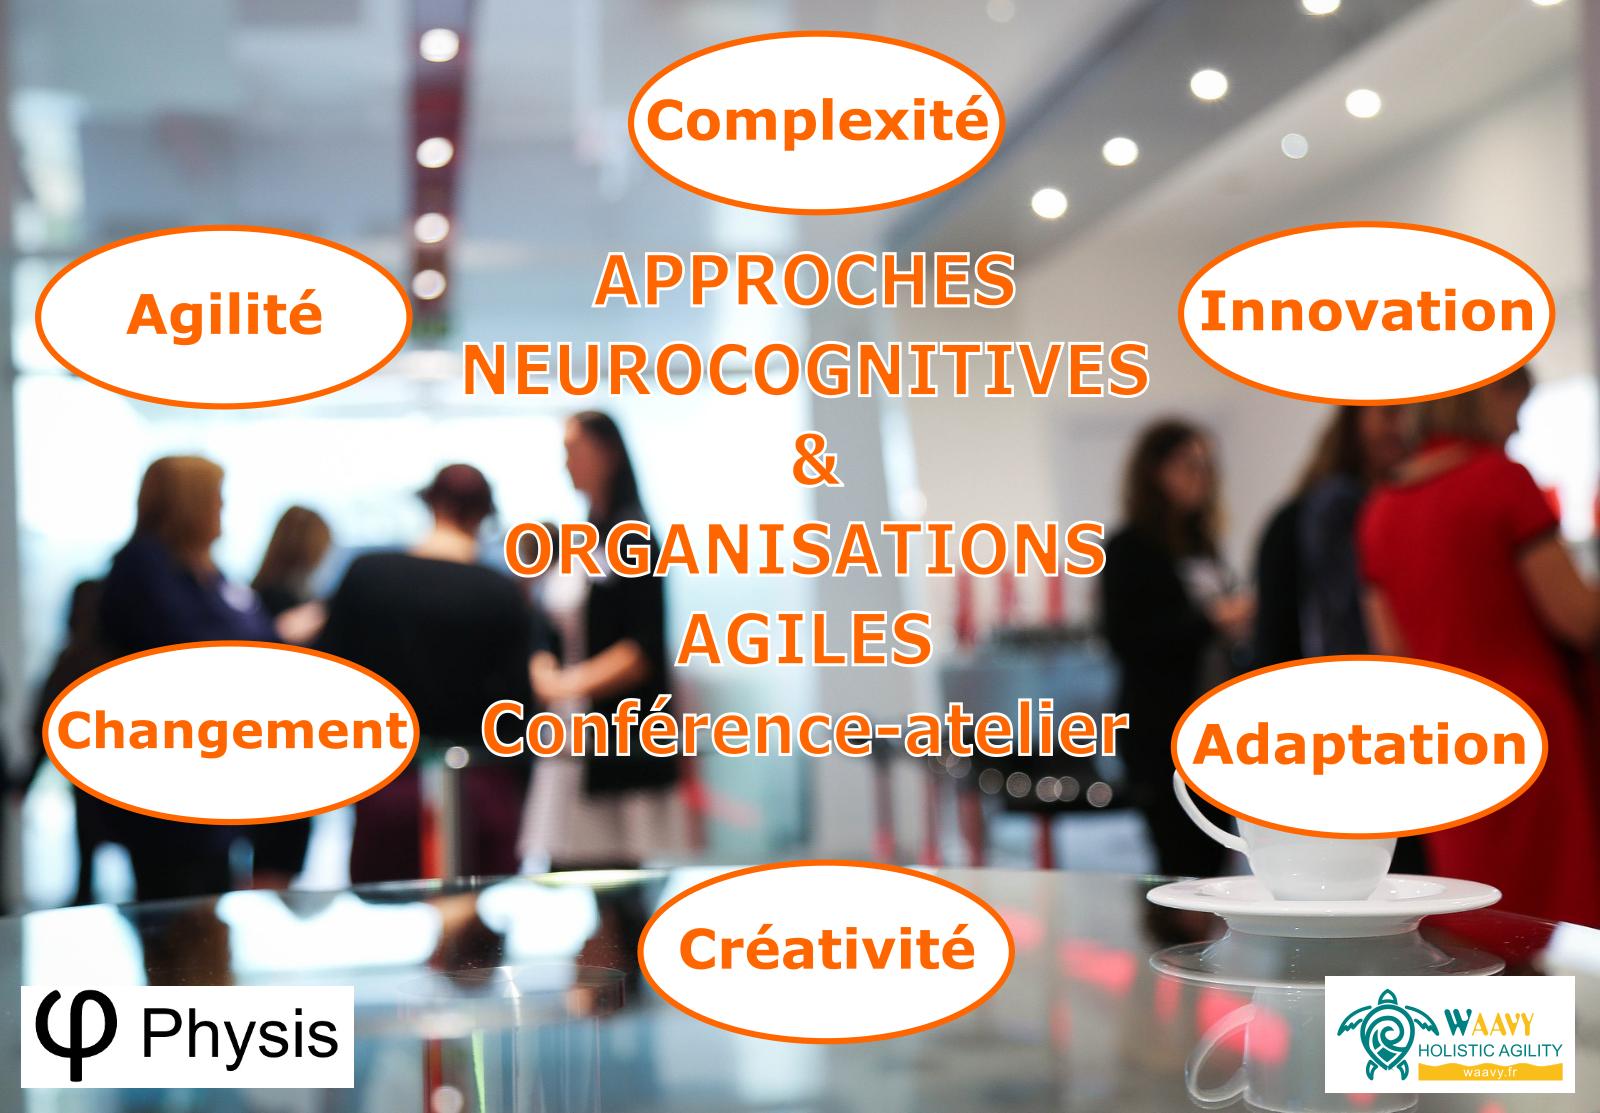 Conférence atelier : Vivre la complexité et le changement dans les organisations, un défi dont le cerveau a le secret!